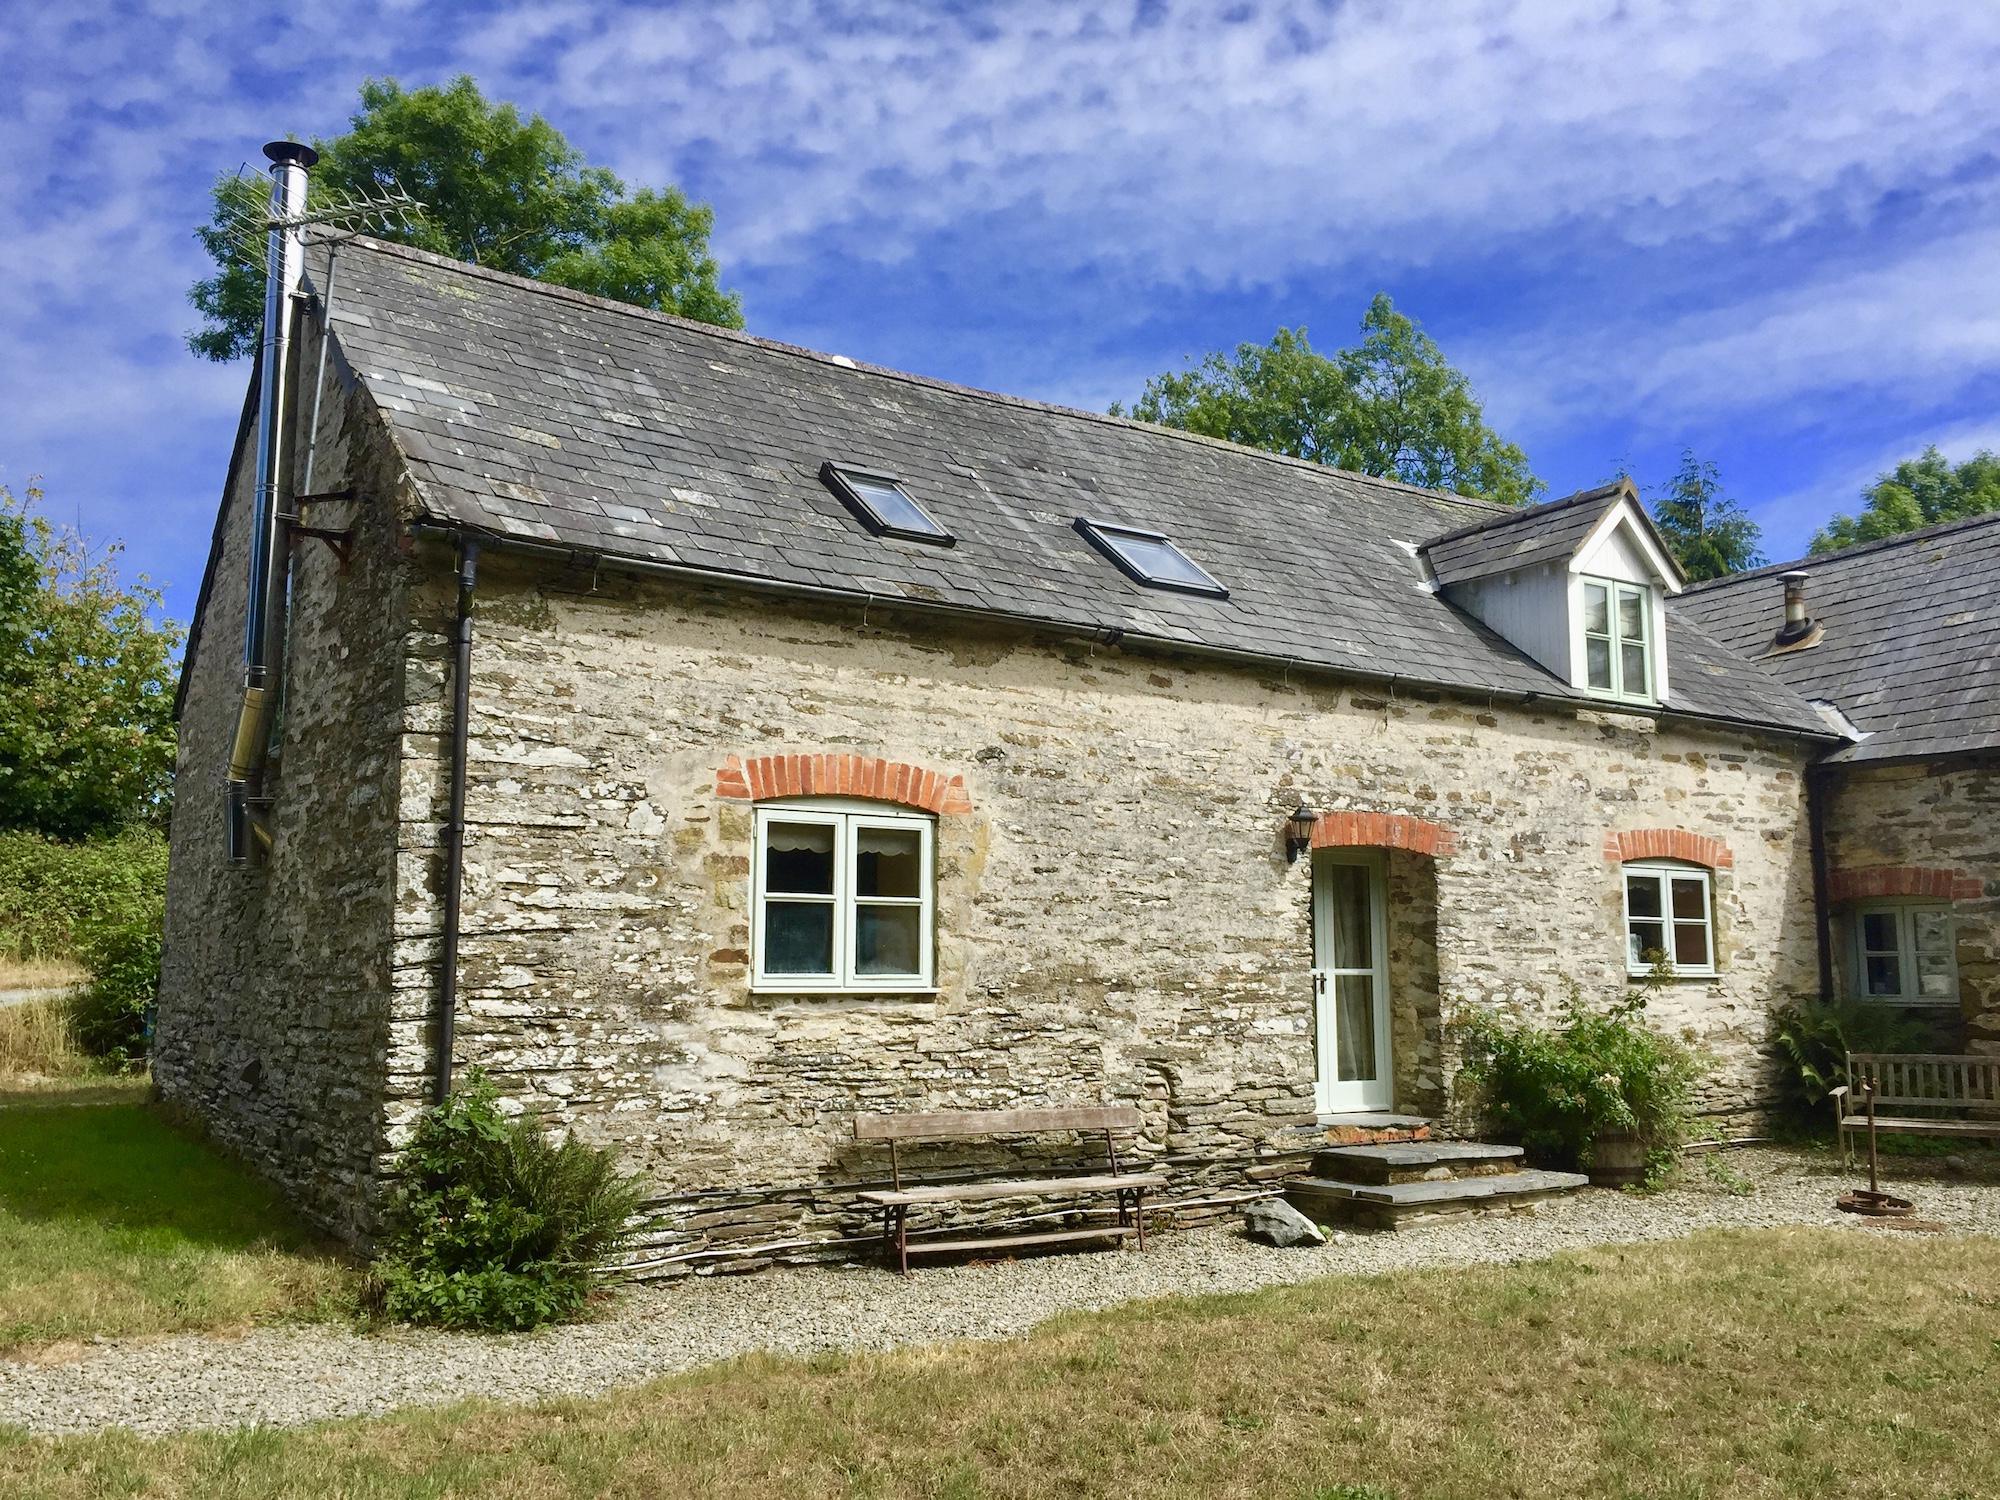 Sloeberry Farm Cottages